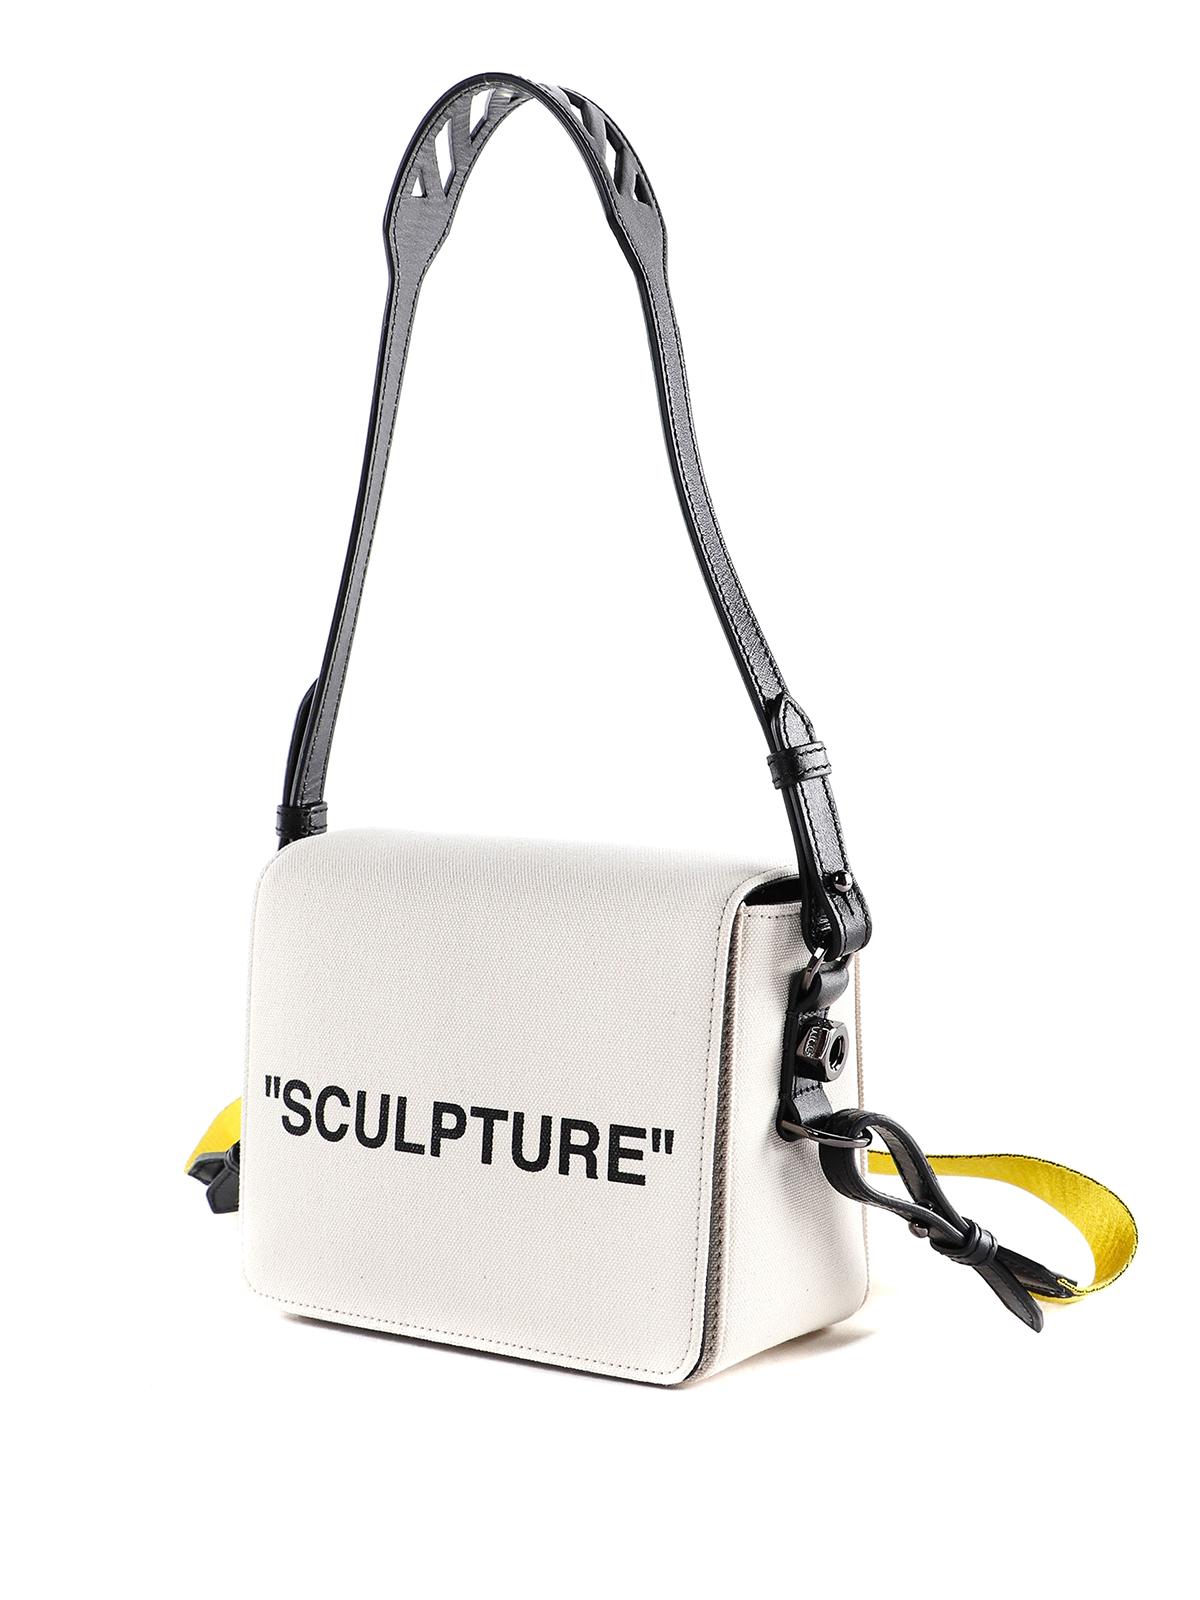 design senza tempo 0dad5 2055c Off-White - Tracolla Sculpture in canvas - borse a spalla ...